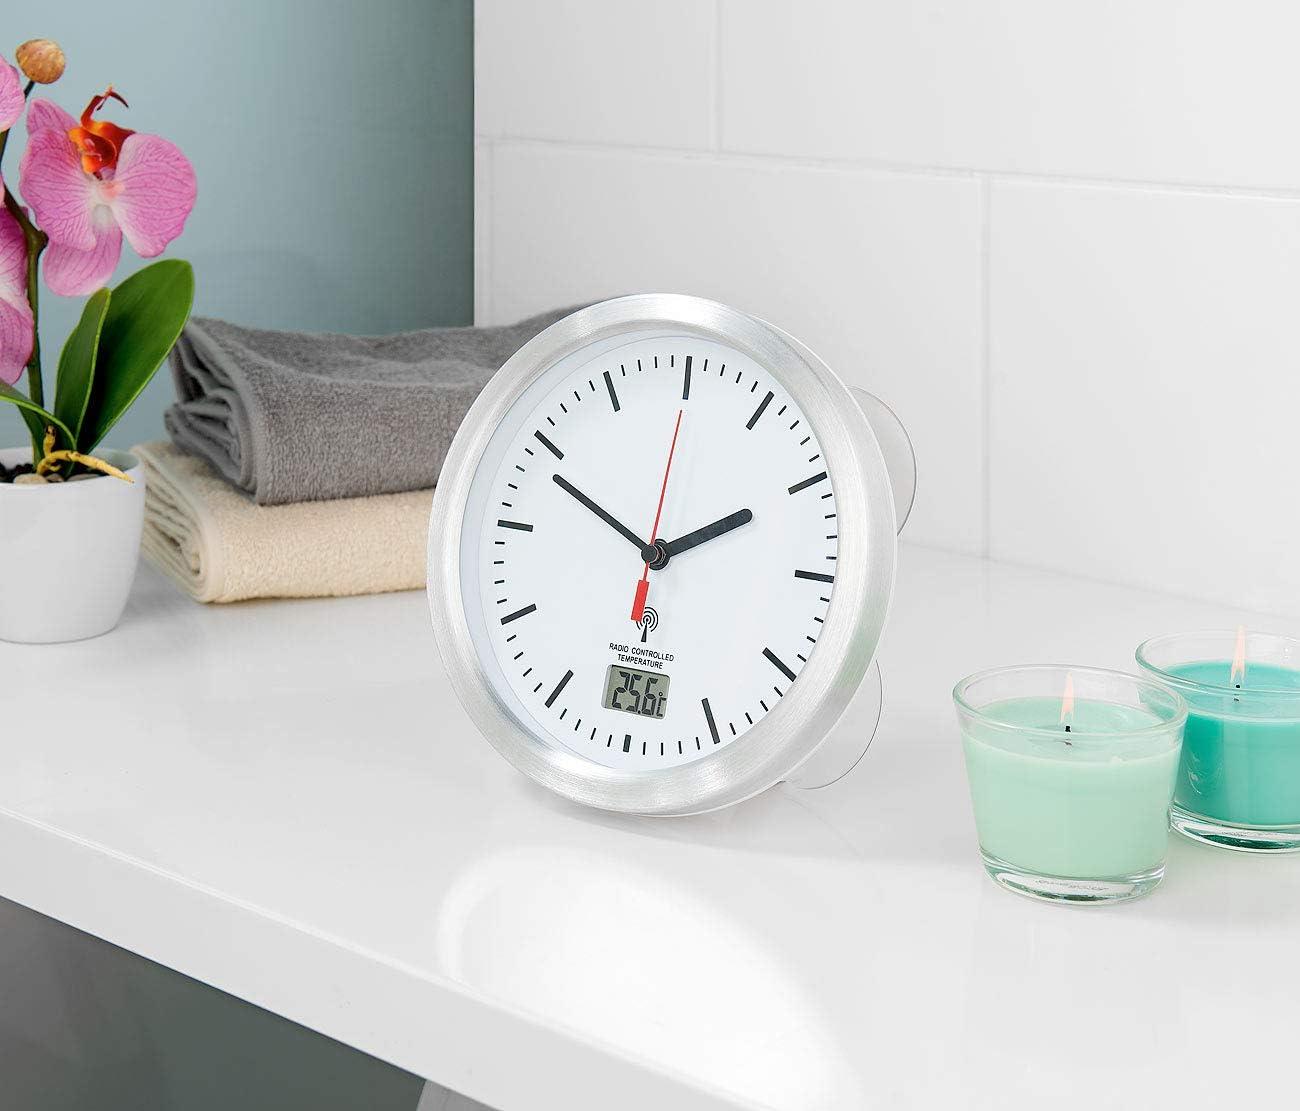 Uhr Badezimmer Saugnapf